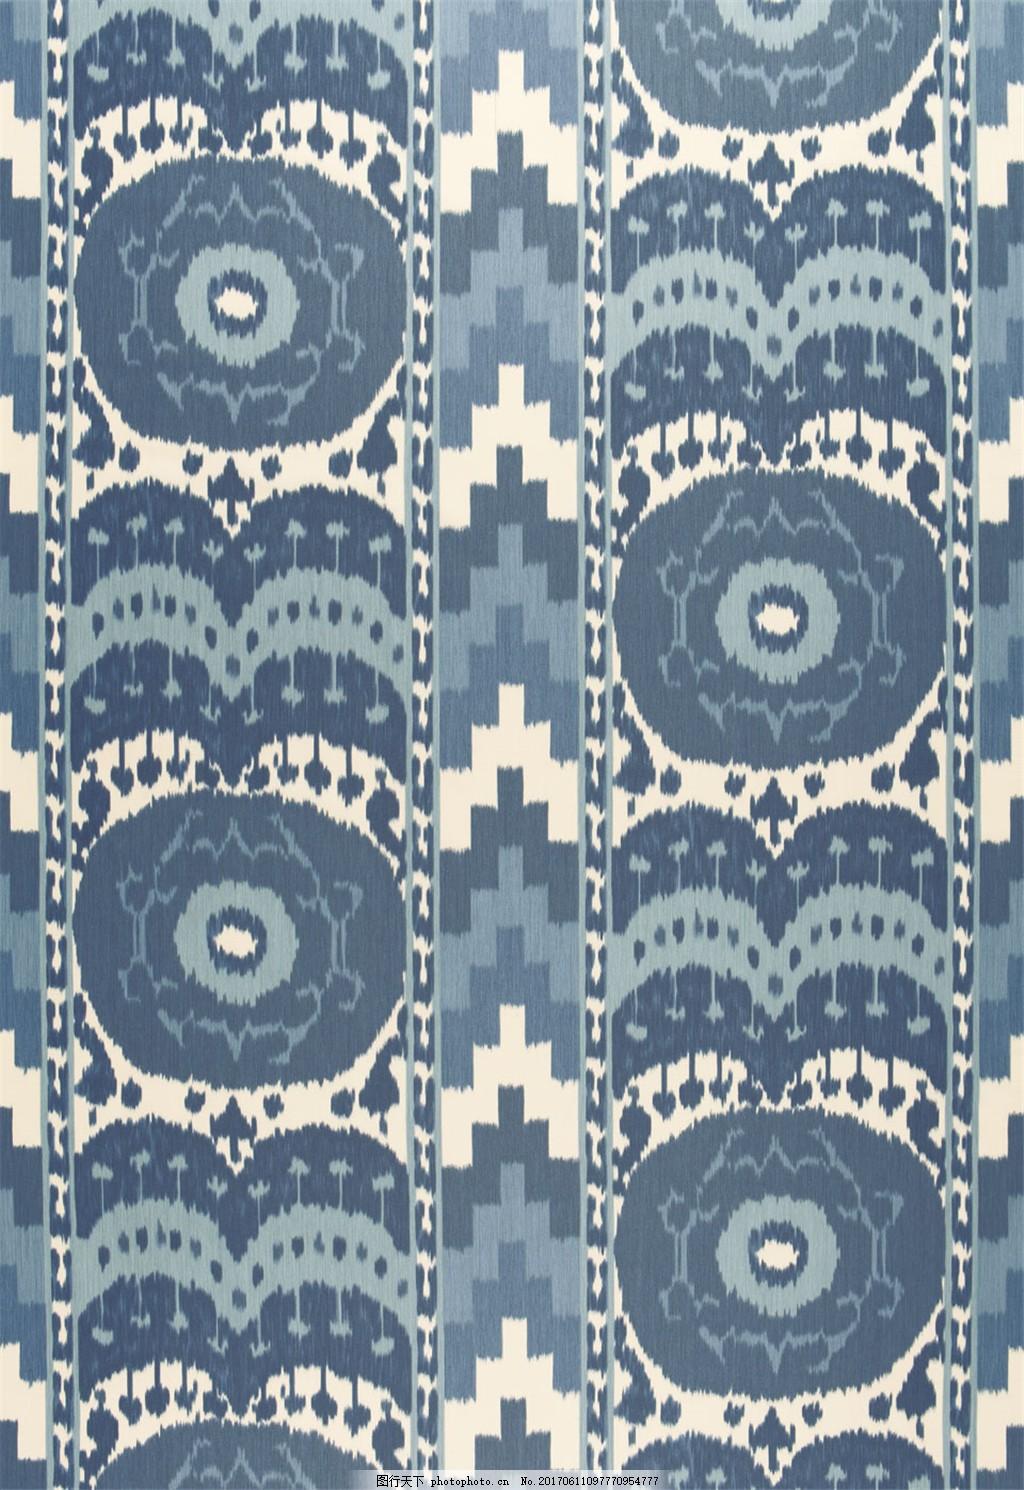 深蓝色无缝壁纸图片下载 欧式花纹背景图 装饰设计 装饰素材 无缝壁纸